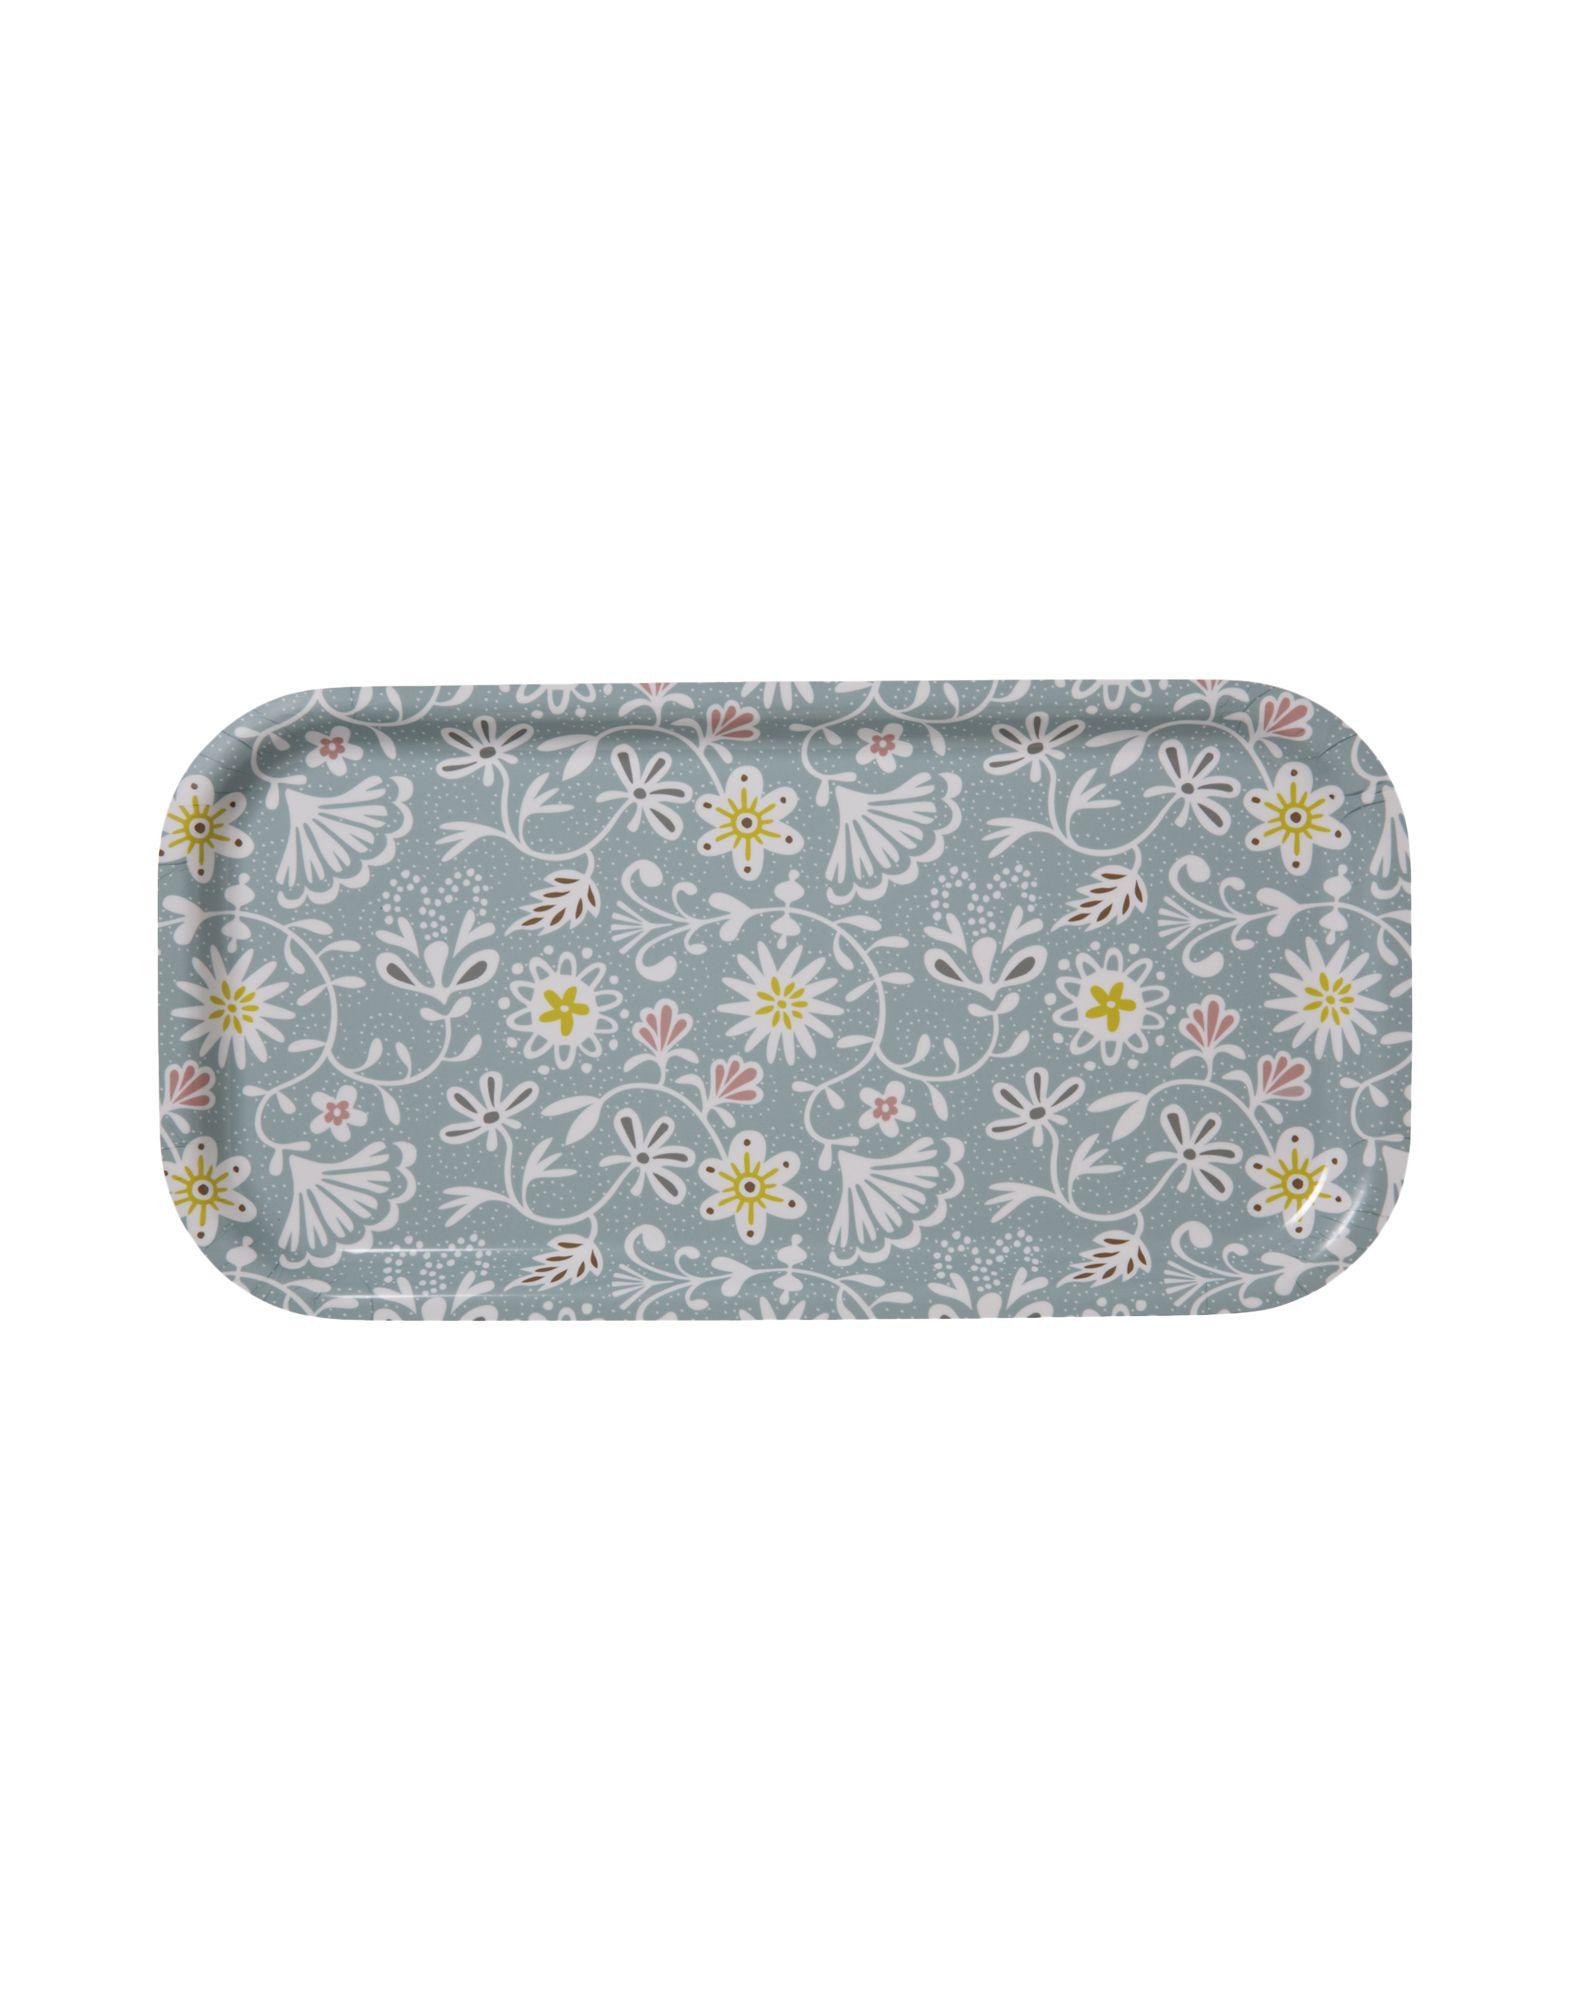 KLIPPAN Unisex Tablett Farbe Säuregrün Größe 1